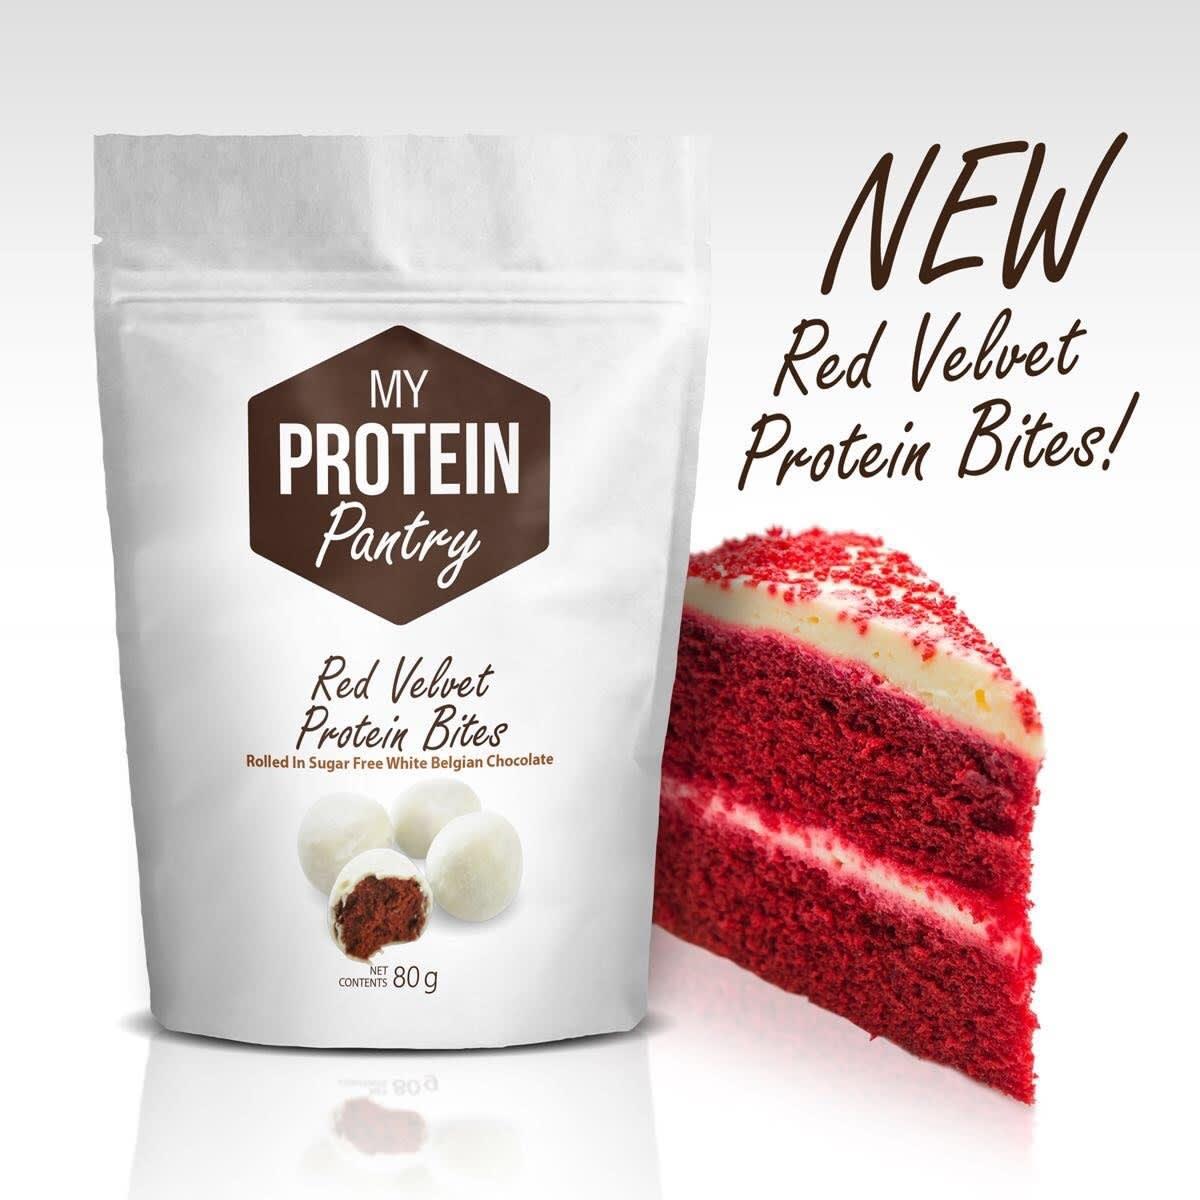 My Protein Pantry Red Velvet bites